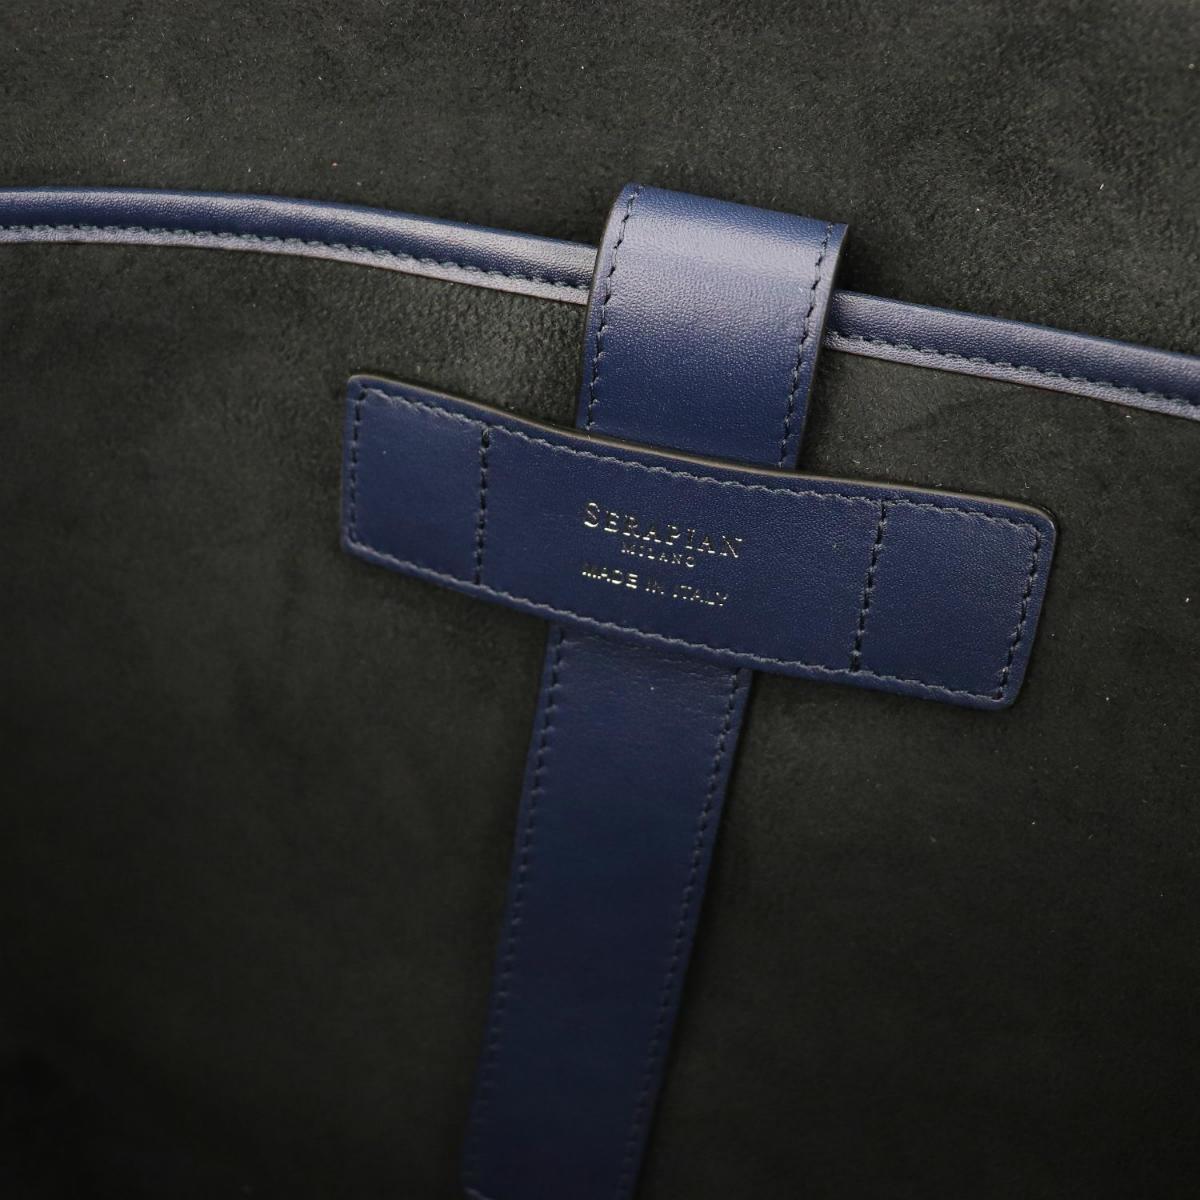 セラピアン SERAPIAN PVC型押し ブリーフケース SLIM BRIEFCASE Stepan STEP6929-M40 BM5 Black/Cosmic Blue(ネイビー)